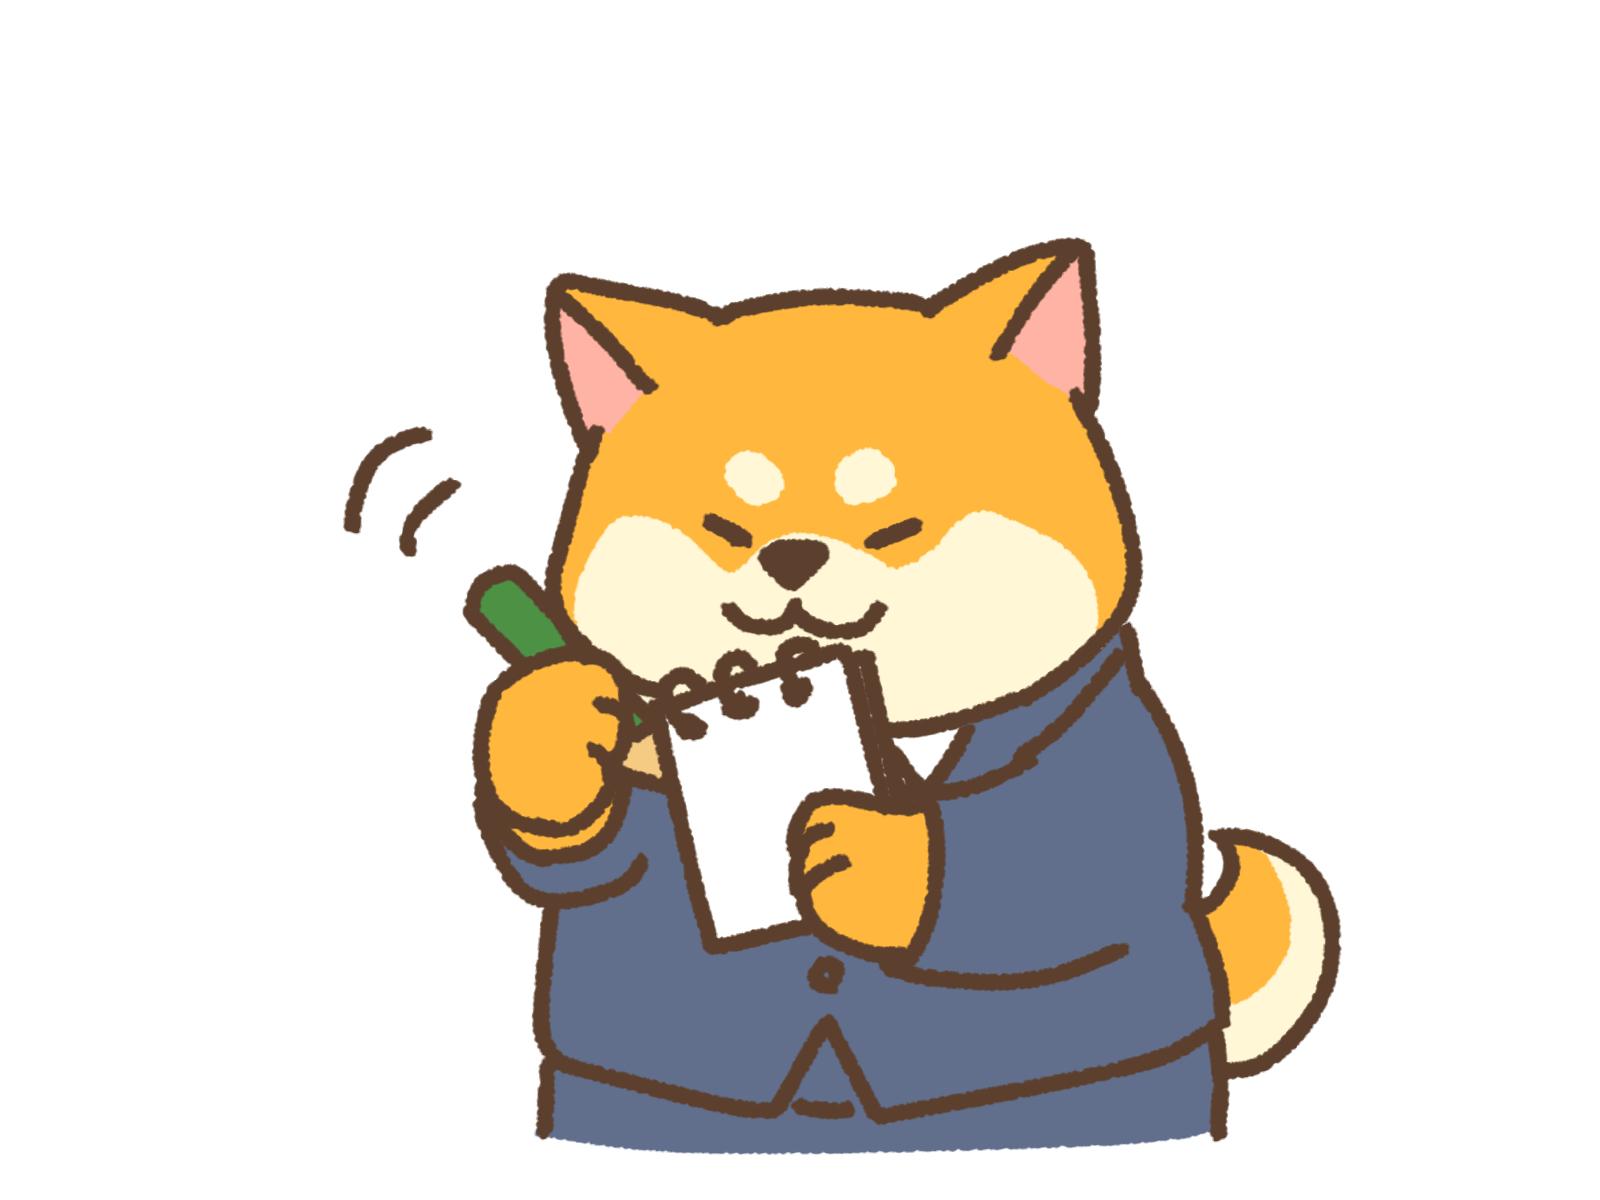 No.4514 1月18日(土):「学長に訊け!」Vol.274(通巻464)_b0113993_13474888.jpg